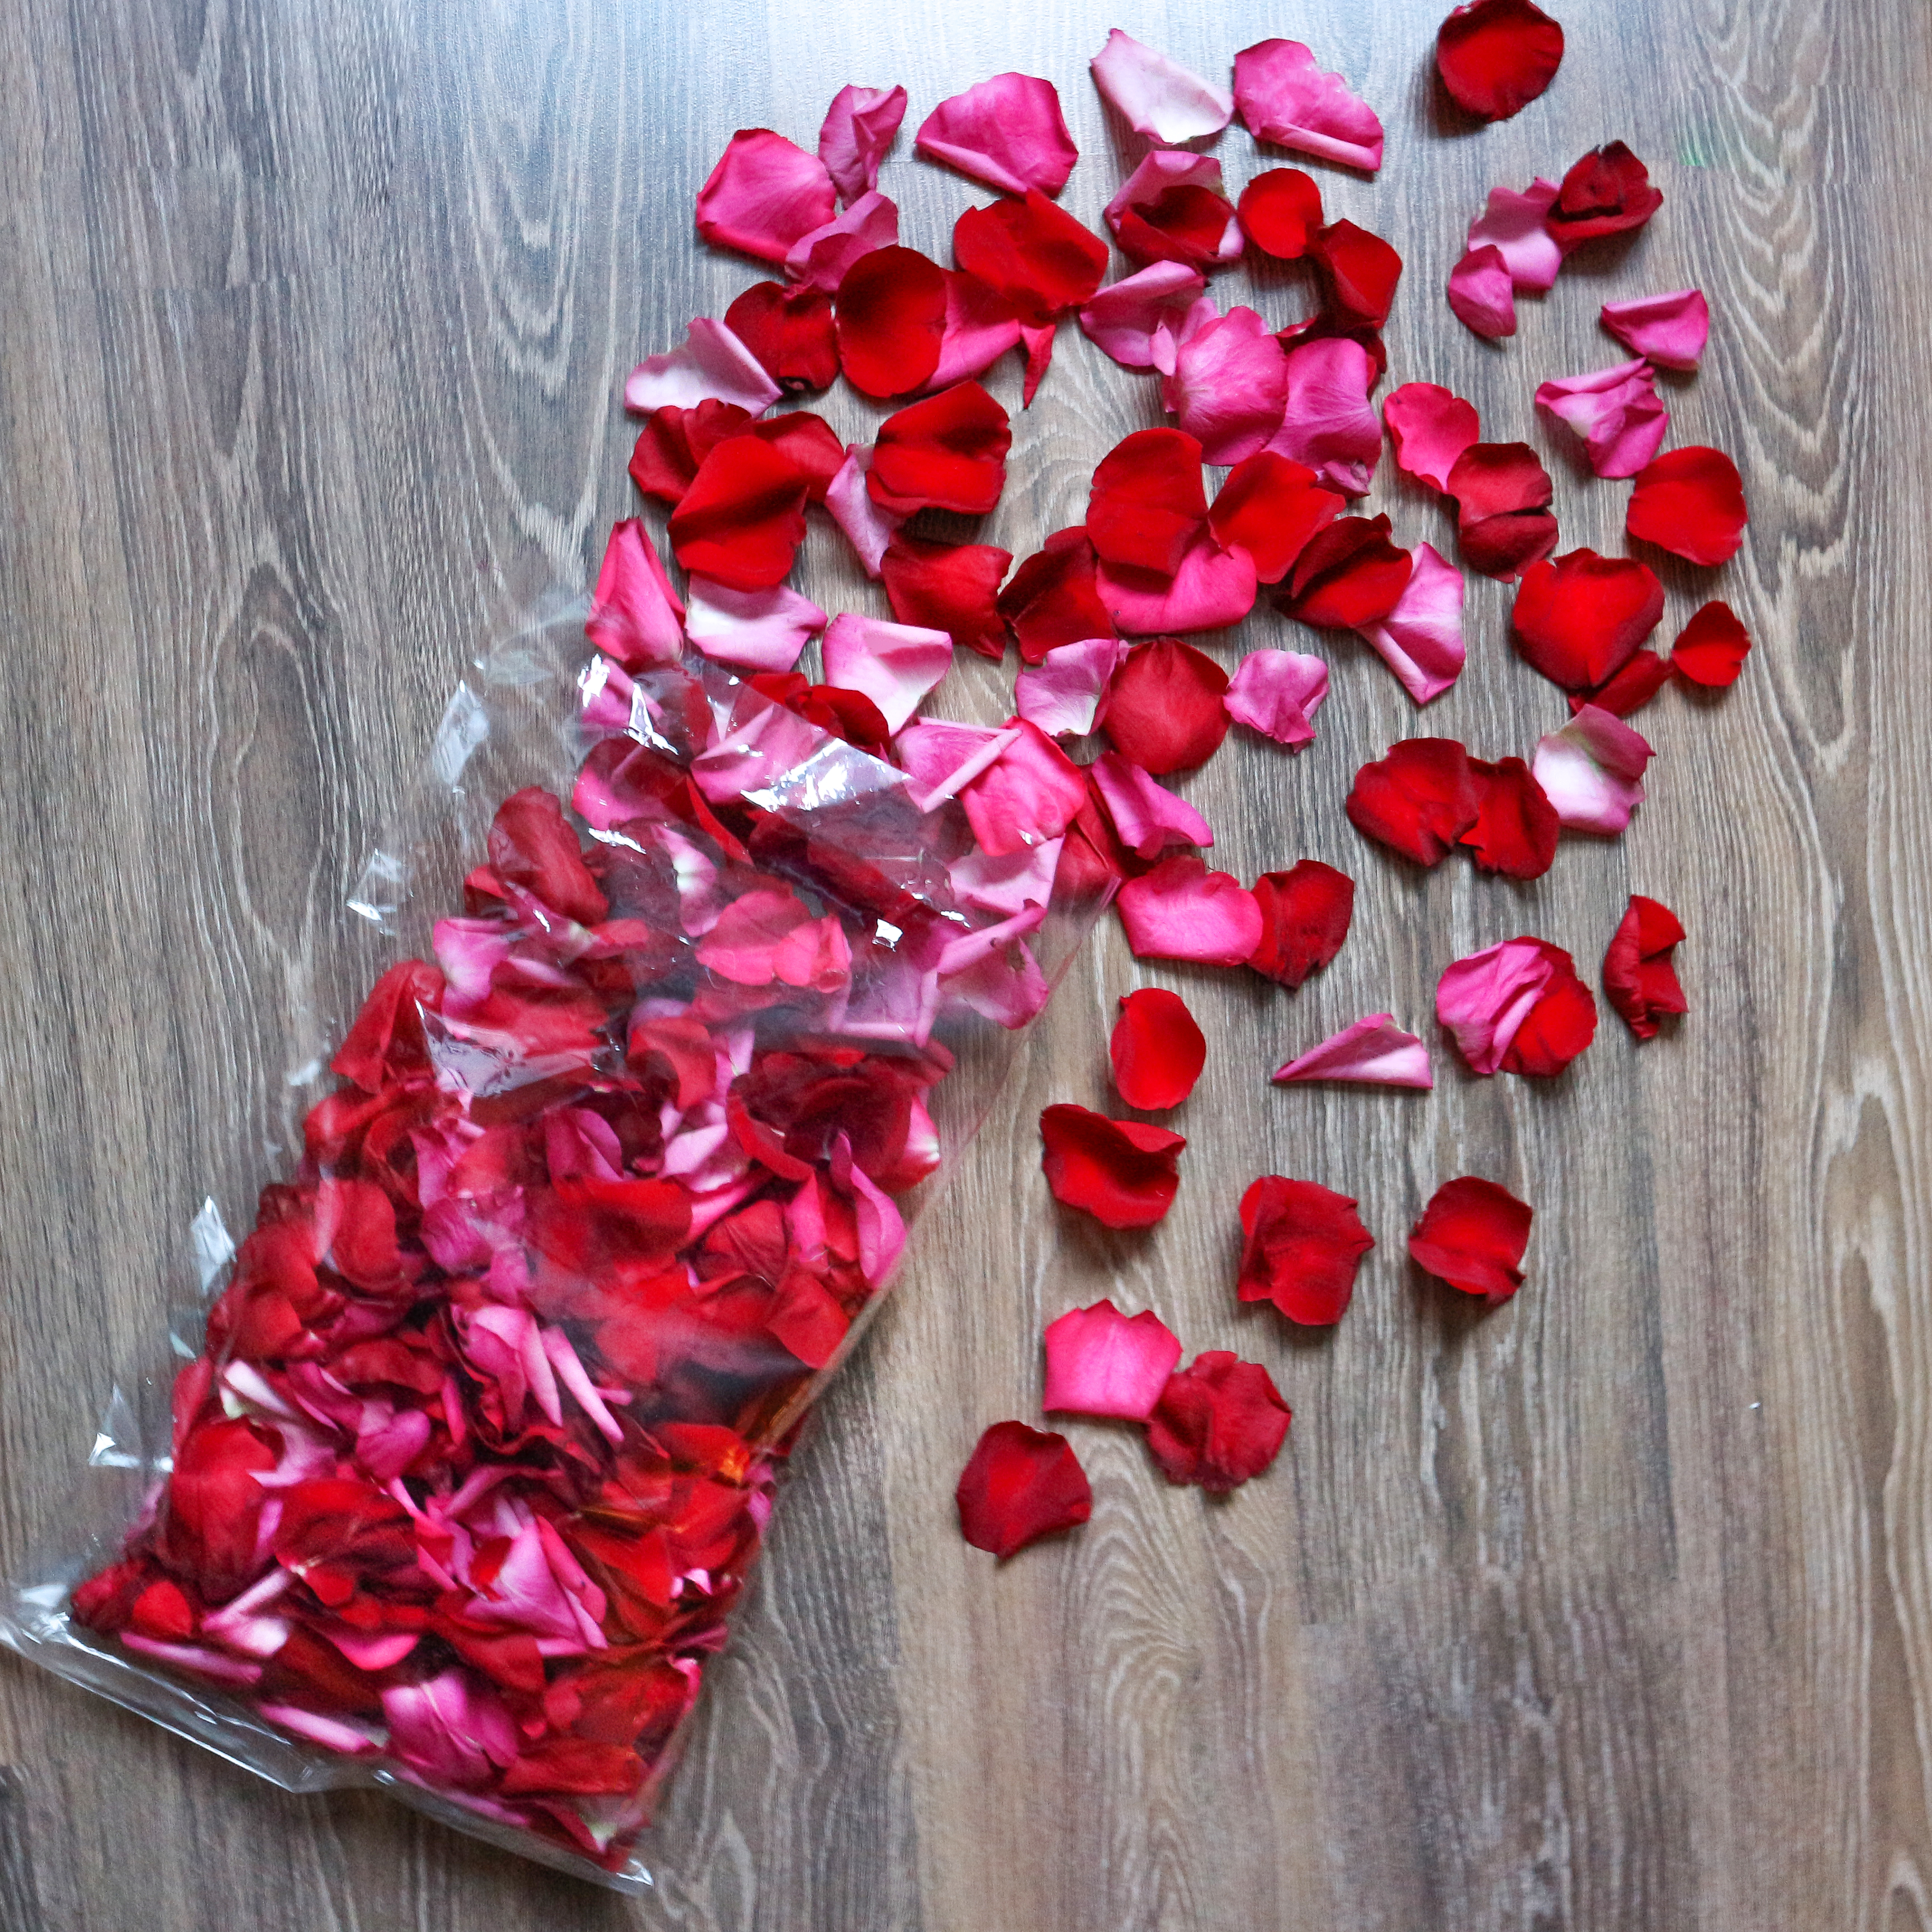 Где купить лепестки роз на свадьбу в орске